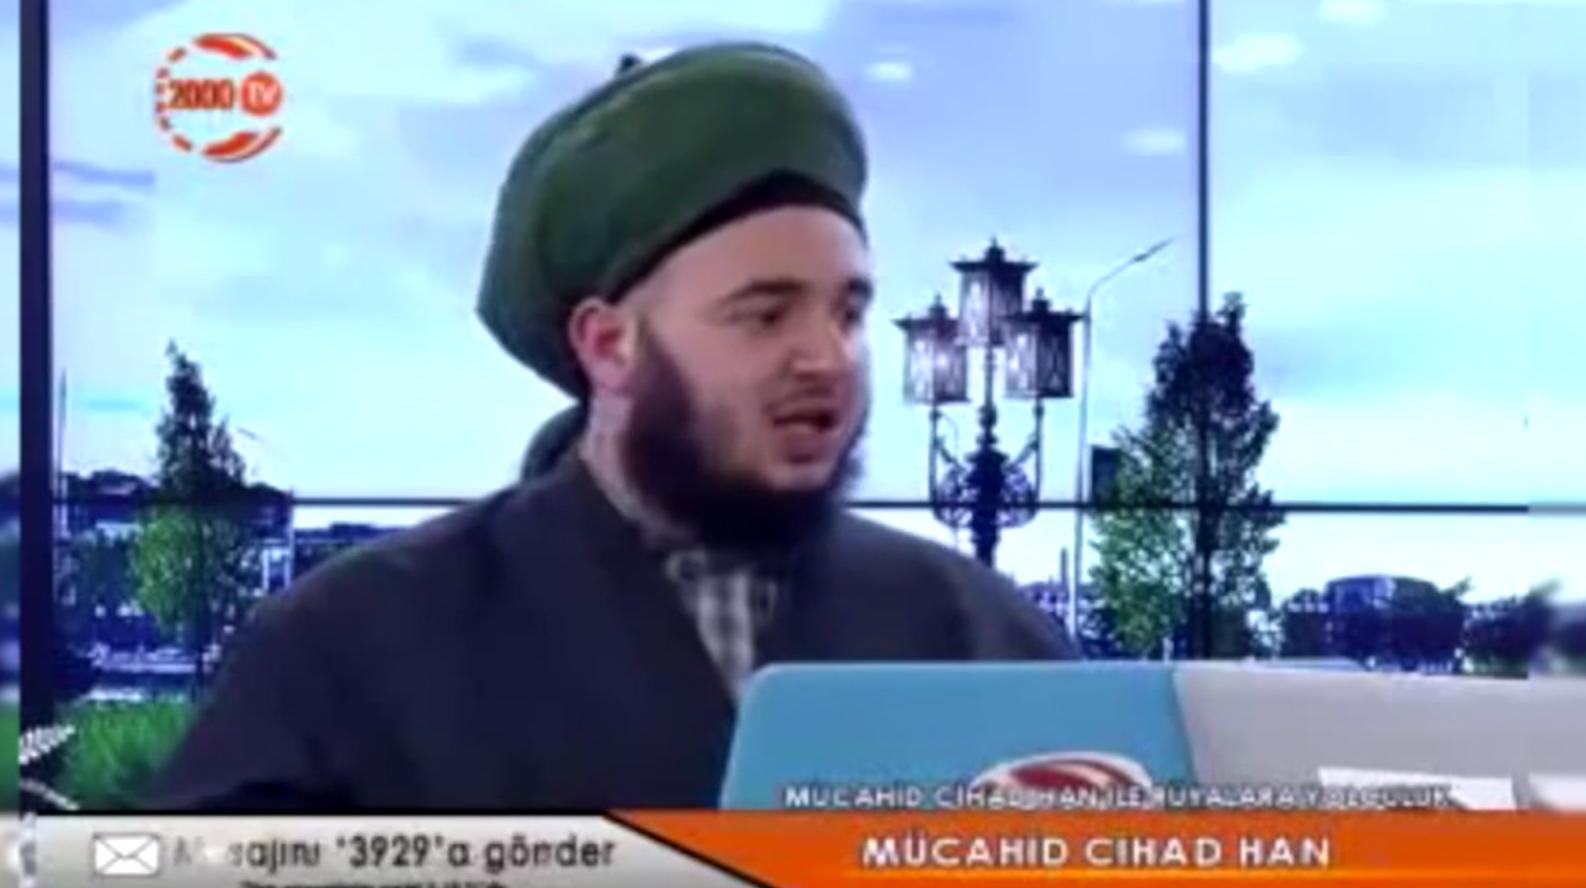 這名伊斯蘭教傳道者竟在電視上宣稱男生自慰的話「手掌就會懷孕」,男生要小心一天不要懷孕太多次喔!